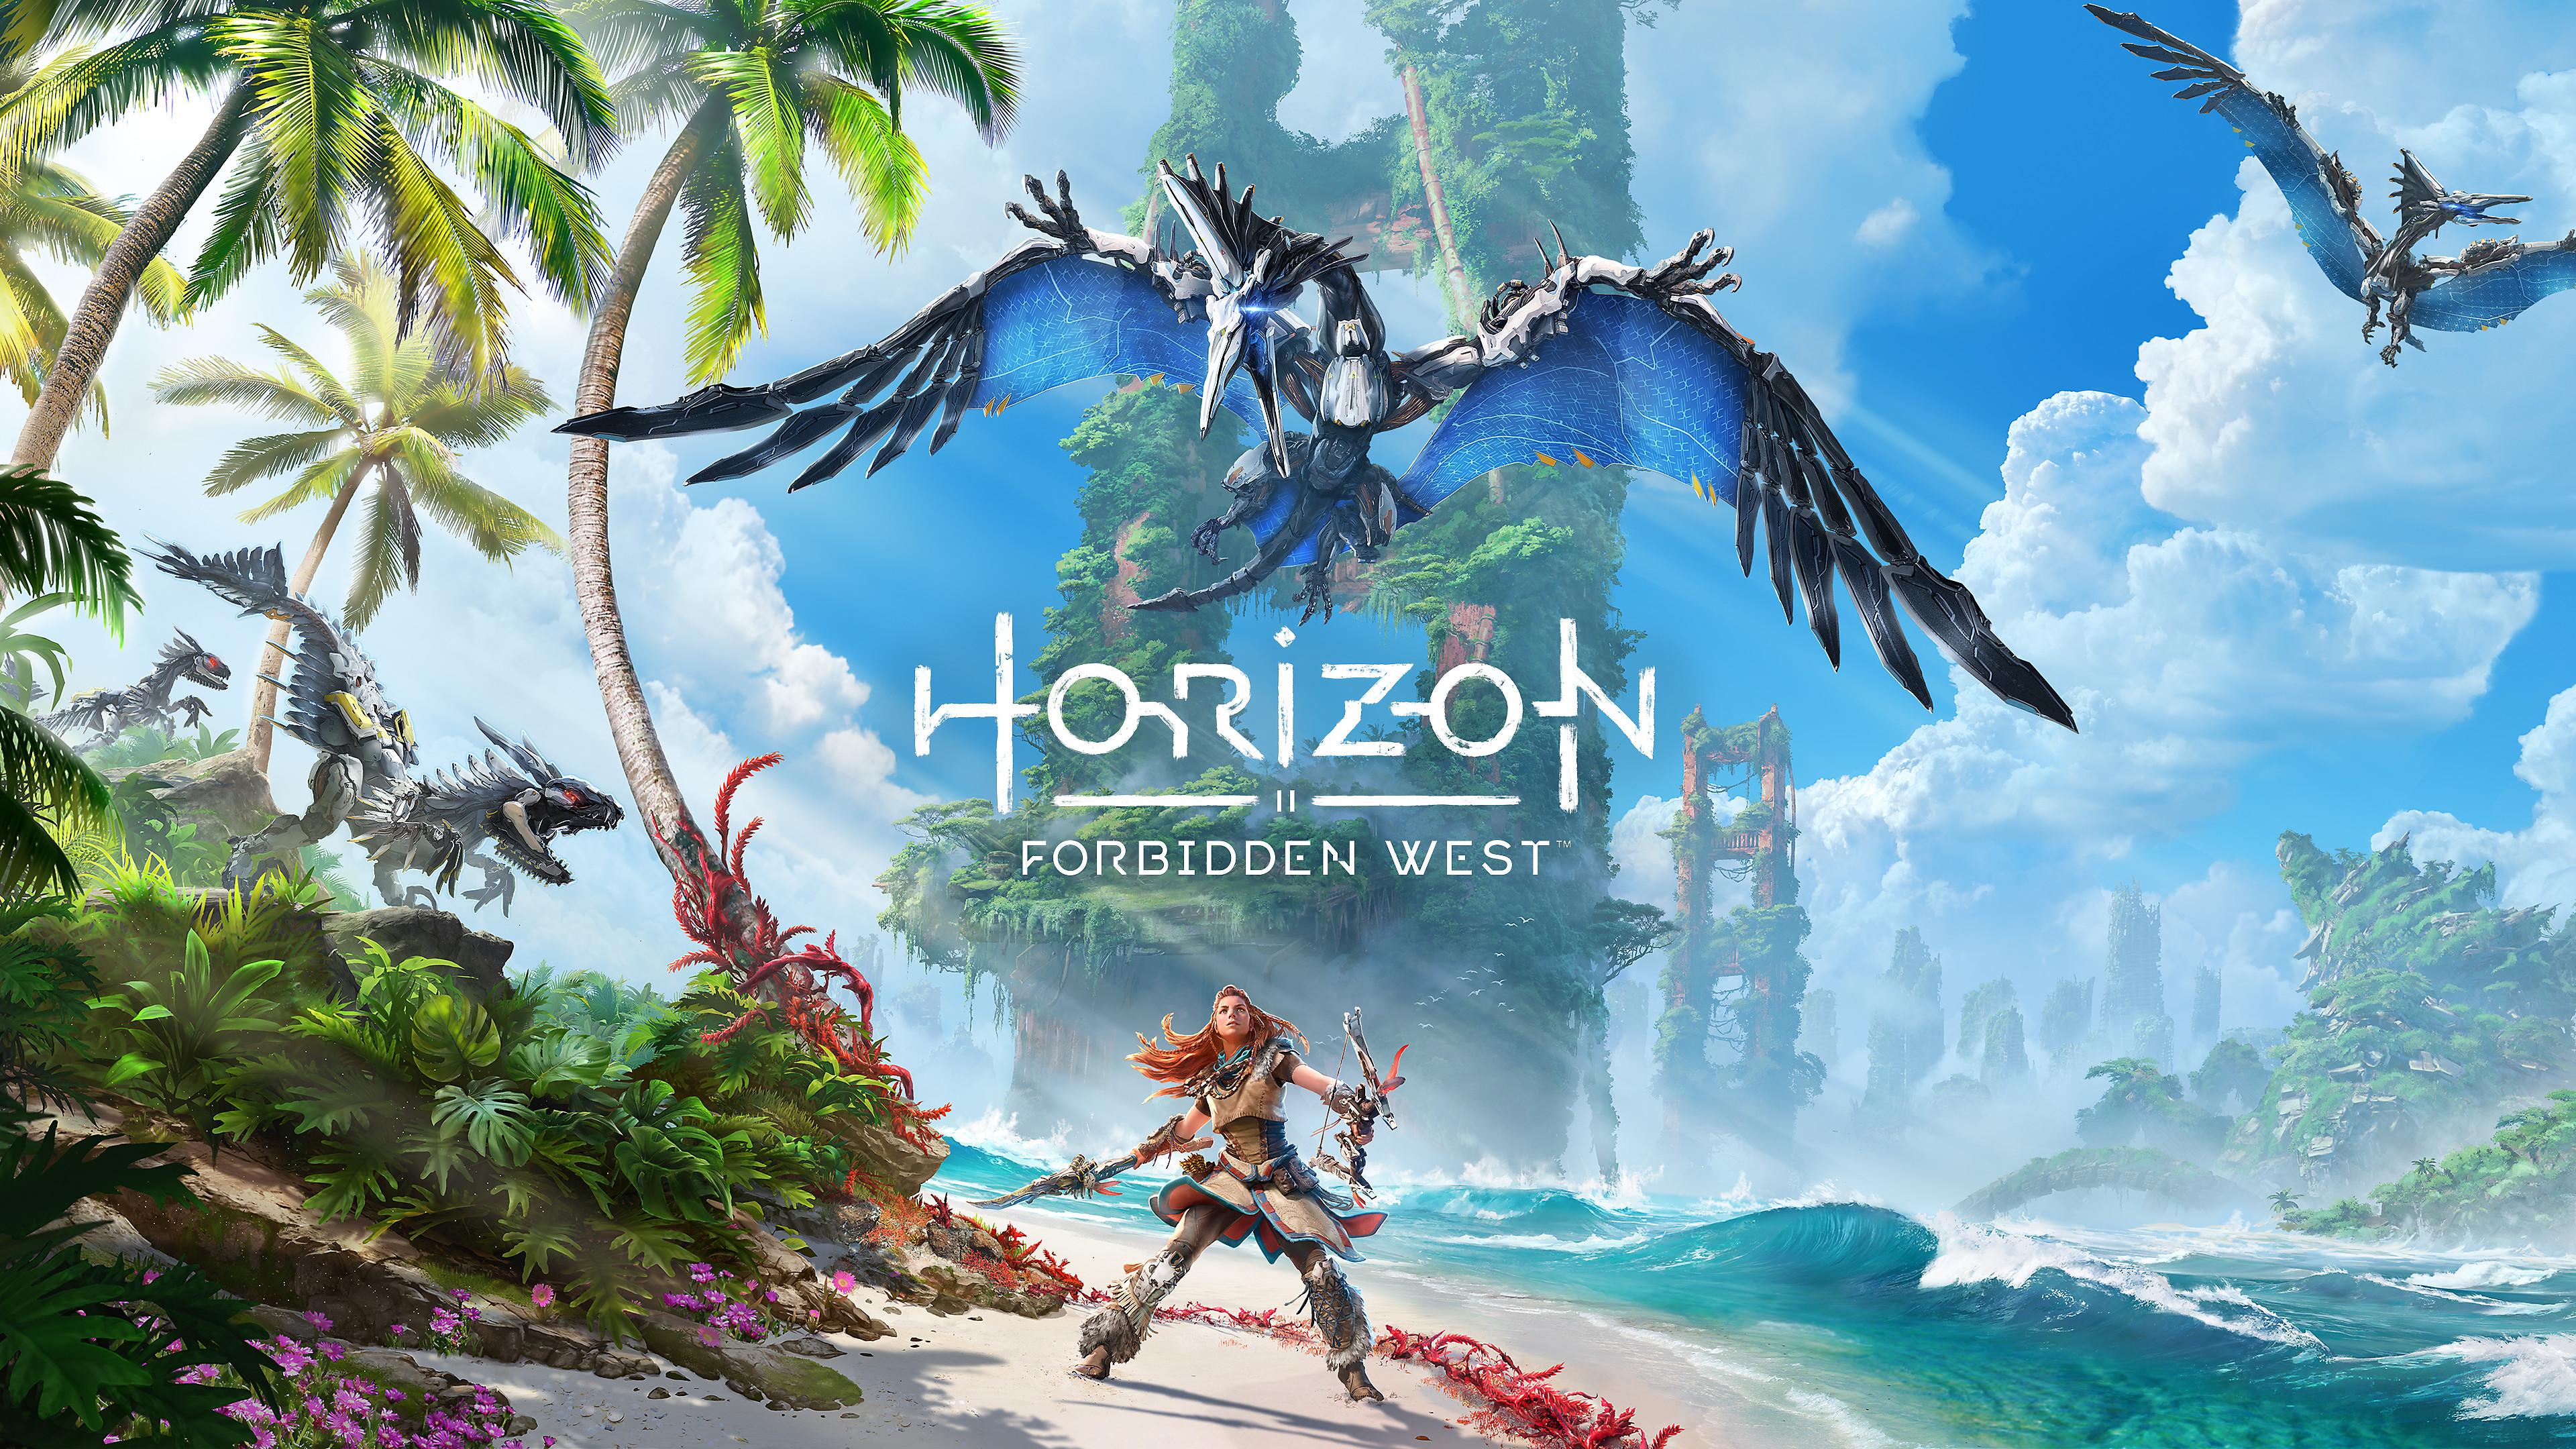 horizon forbidden west desktop 02 wallpaper 04 en 18jun20?$native nt$